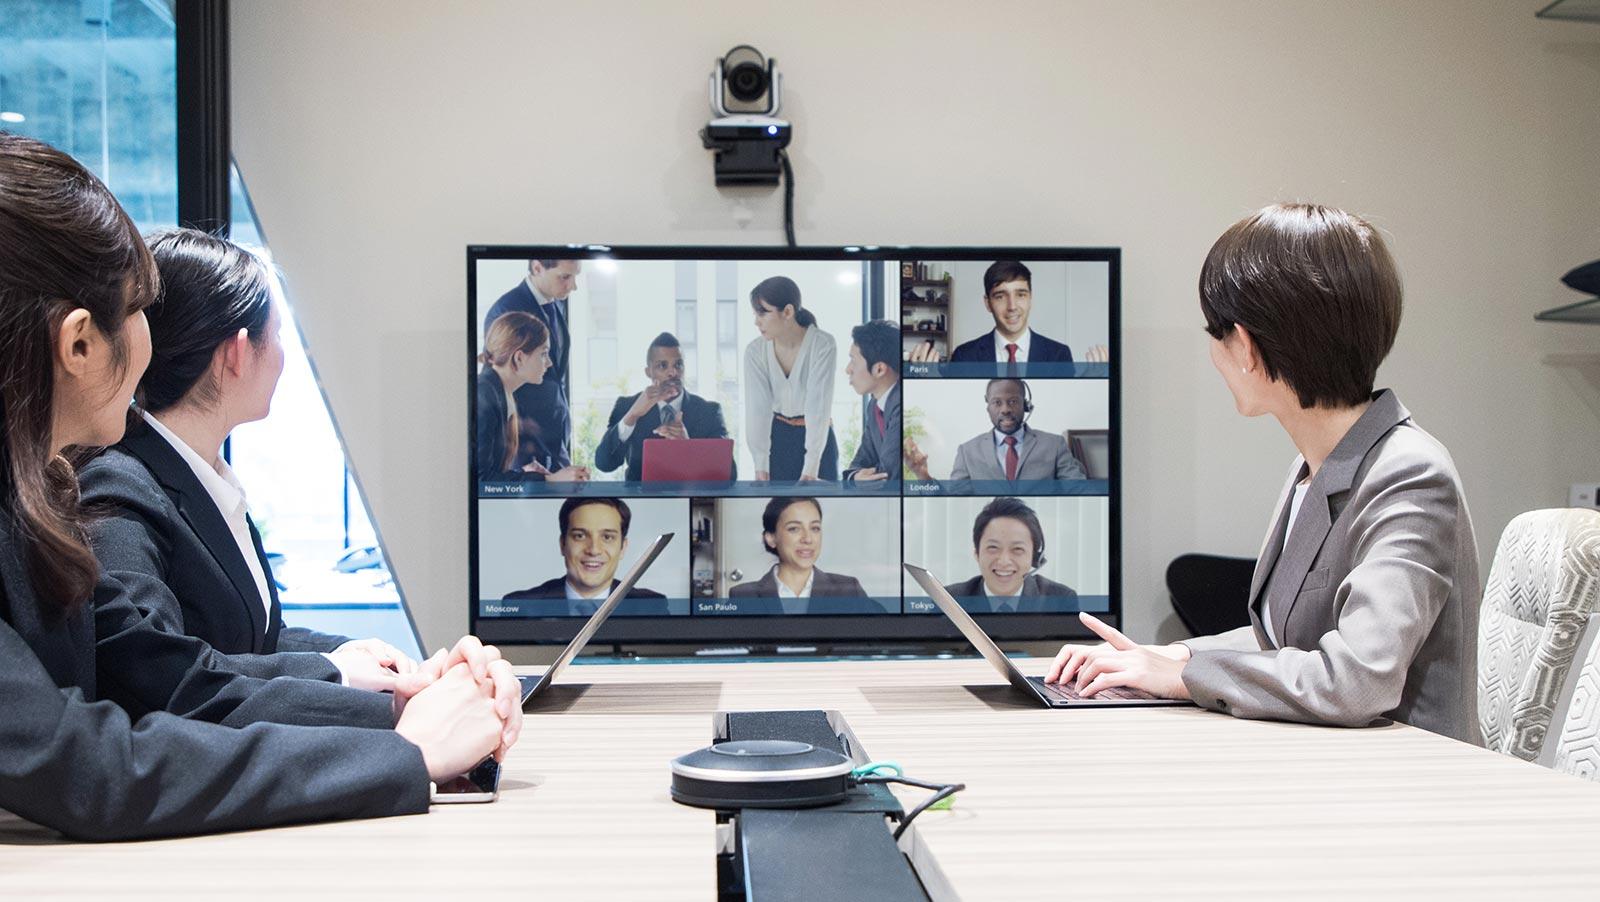 Grenzen der Online Kommunikation und von Video Konferenzen